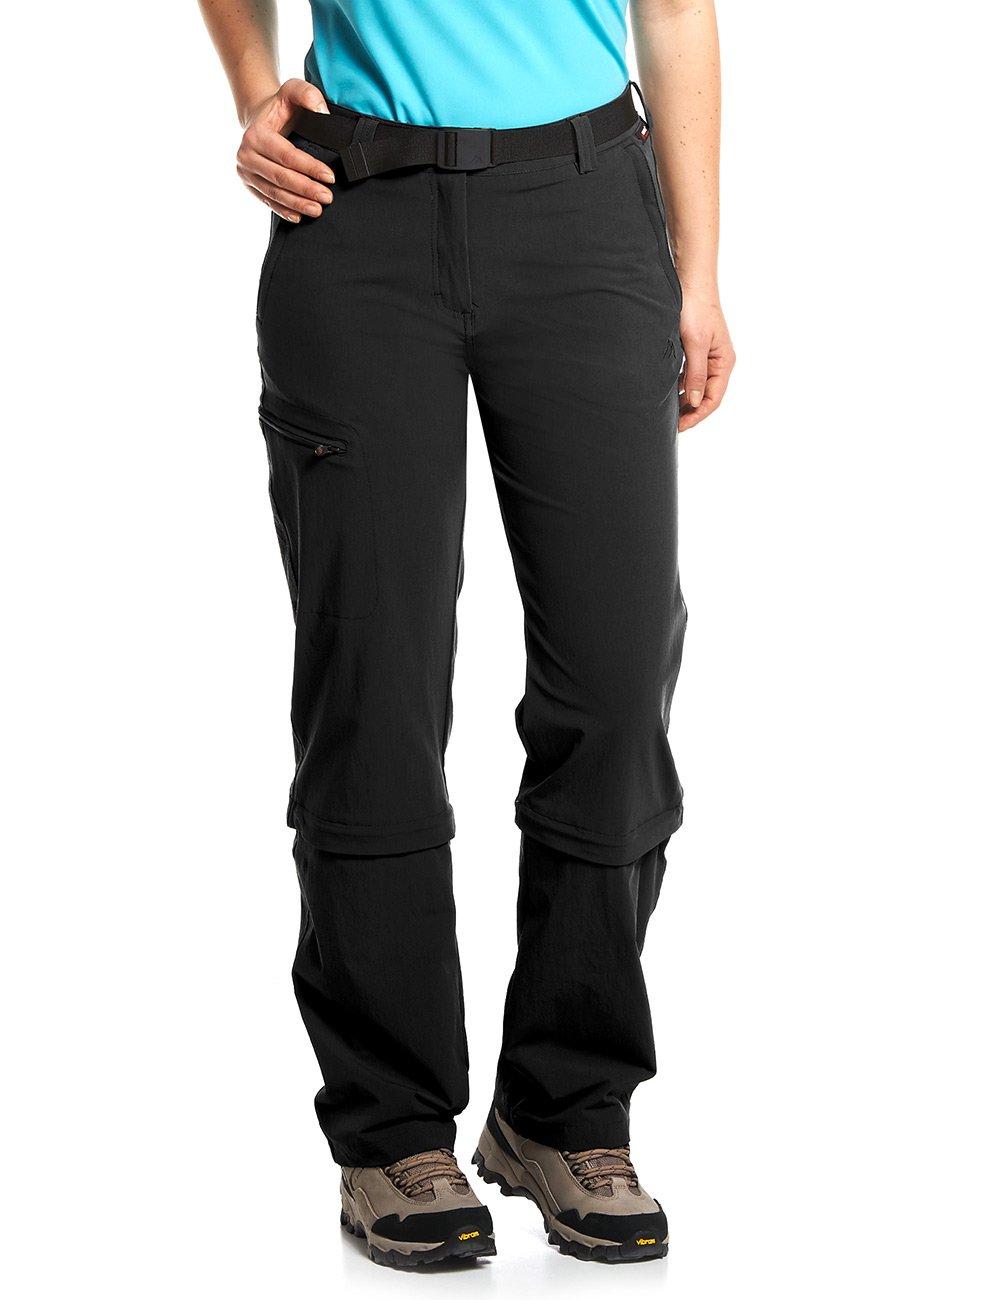 Noir (noir)  Maier Sports arolla Pantalon pour Femme Zip-Off